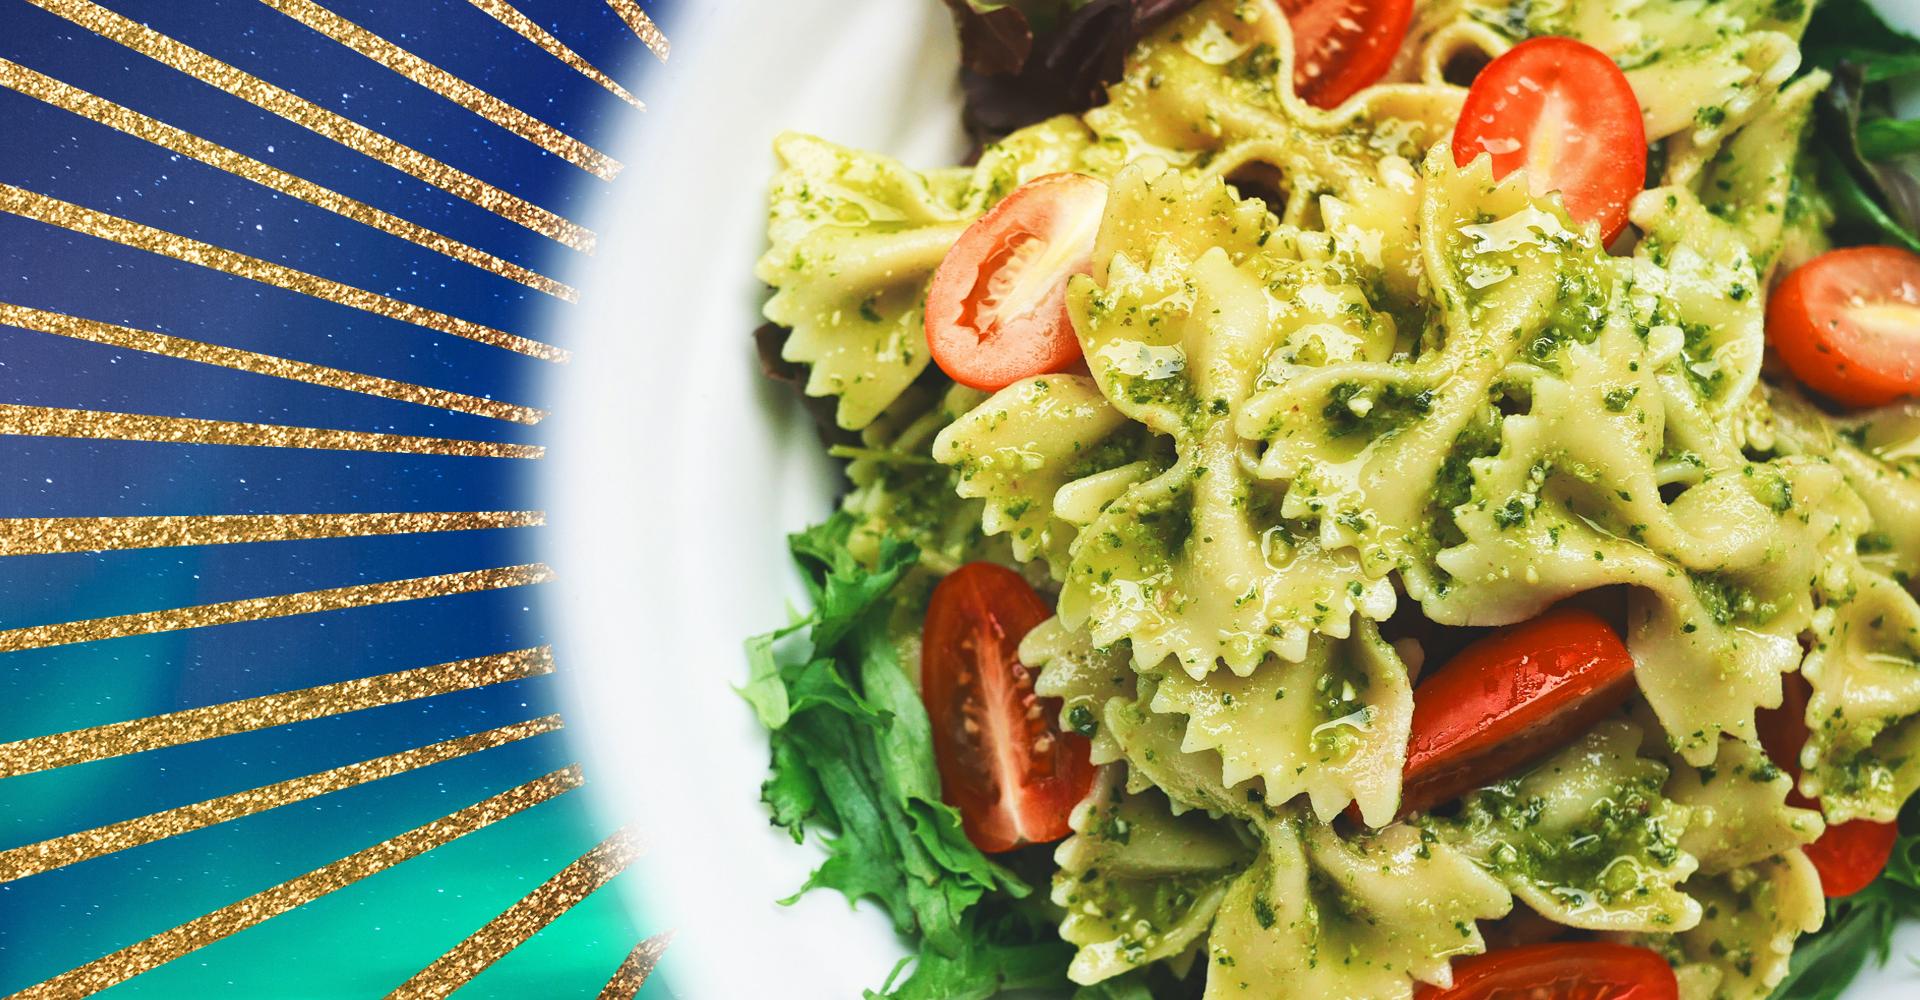 L'insalata di pasta è il piatto estivo per eccellenza! Ma quali sono gli errori da non fare?